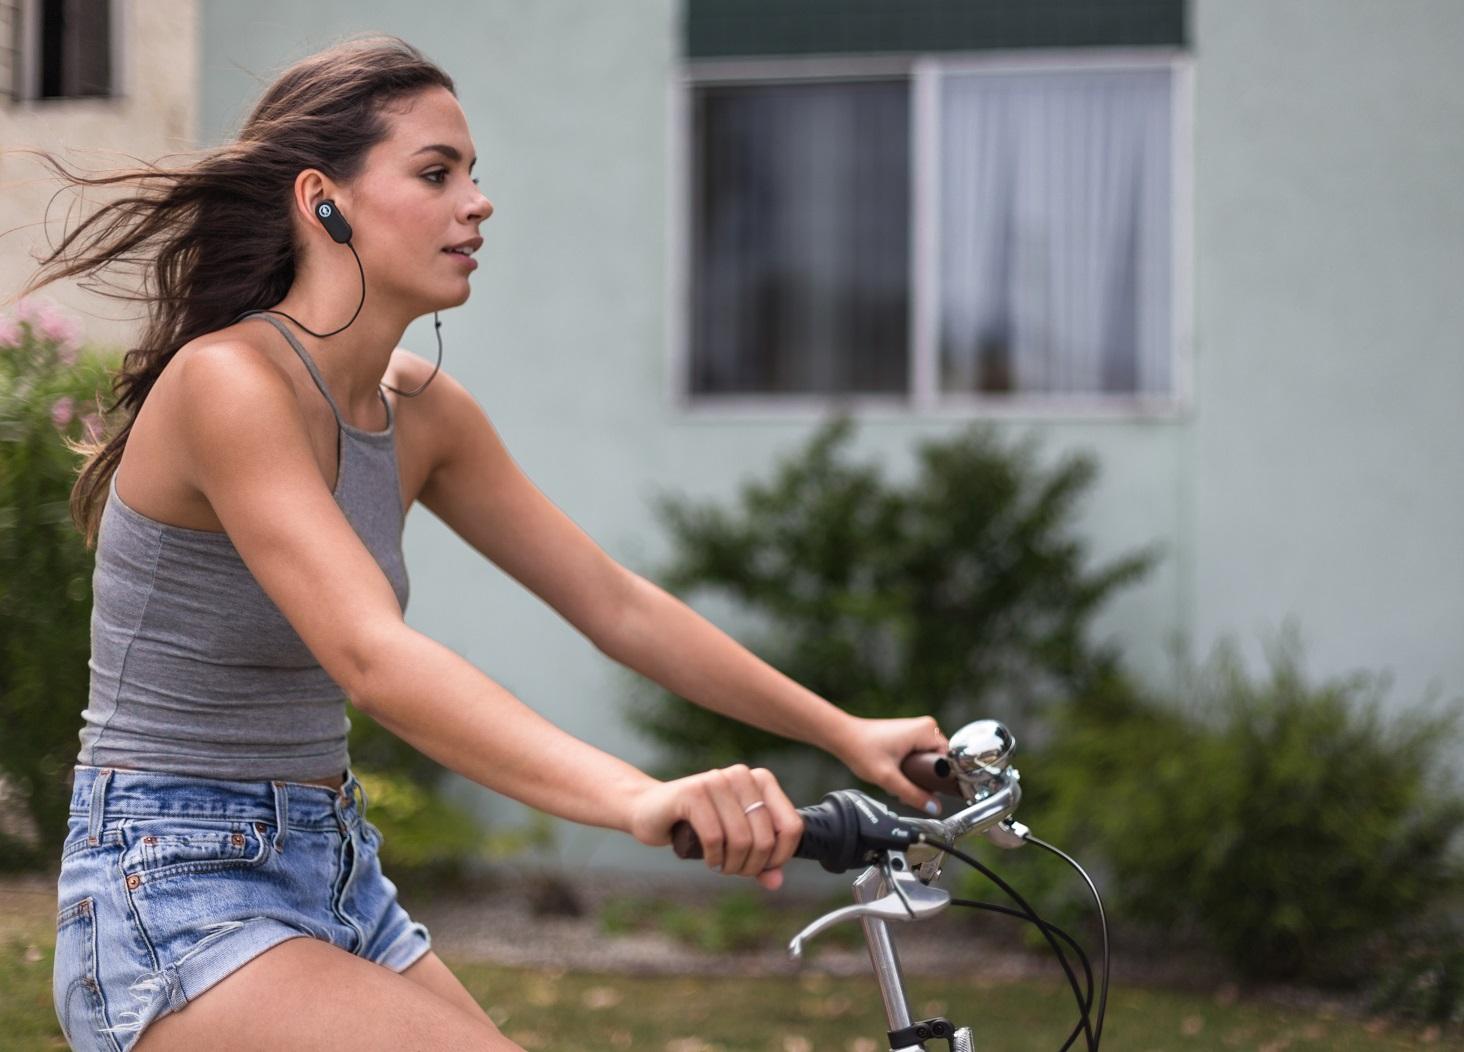 OT1000-Biking-4880x3505